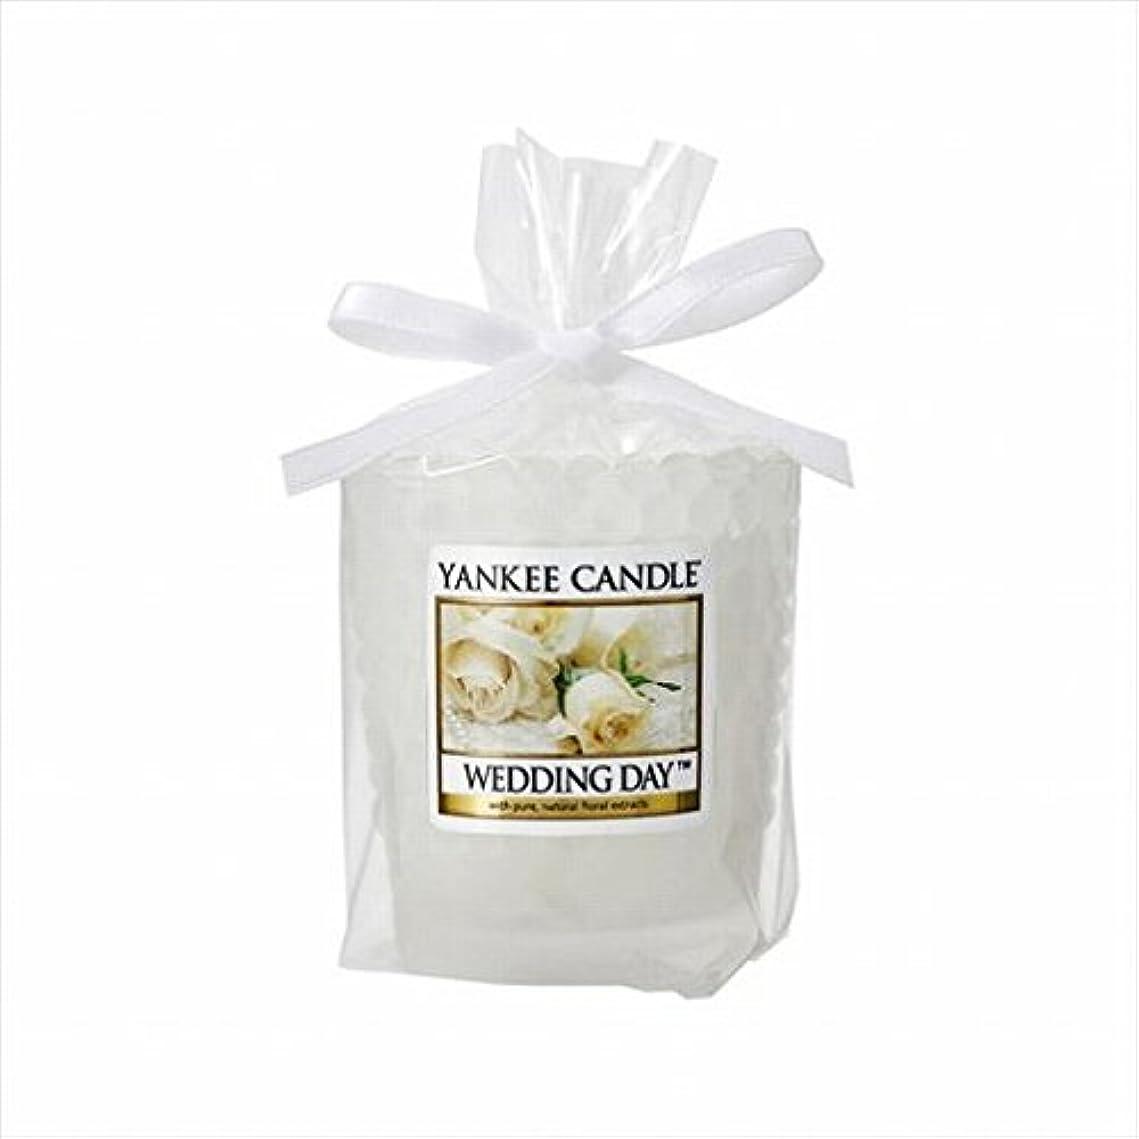 いつでも印をつける雄大なカメヤマキャンドル(kameyama candle) YANKEE CANDLE サンプラーギフト 「 ウェディングデイ 」 6個セット